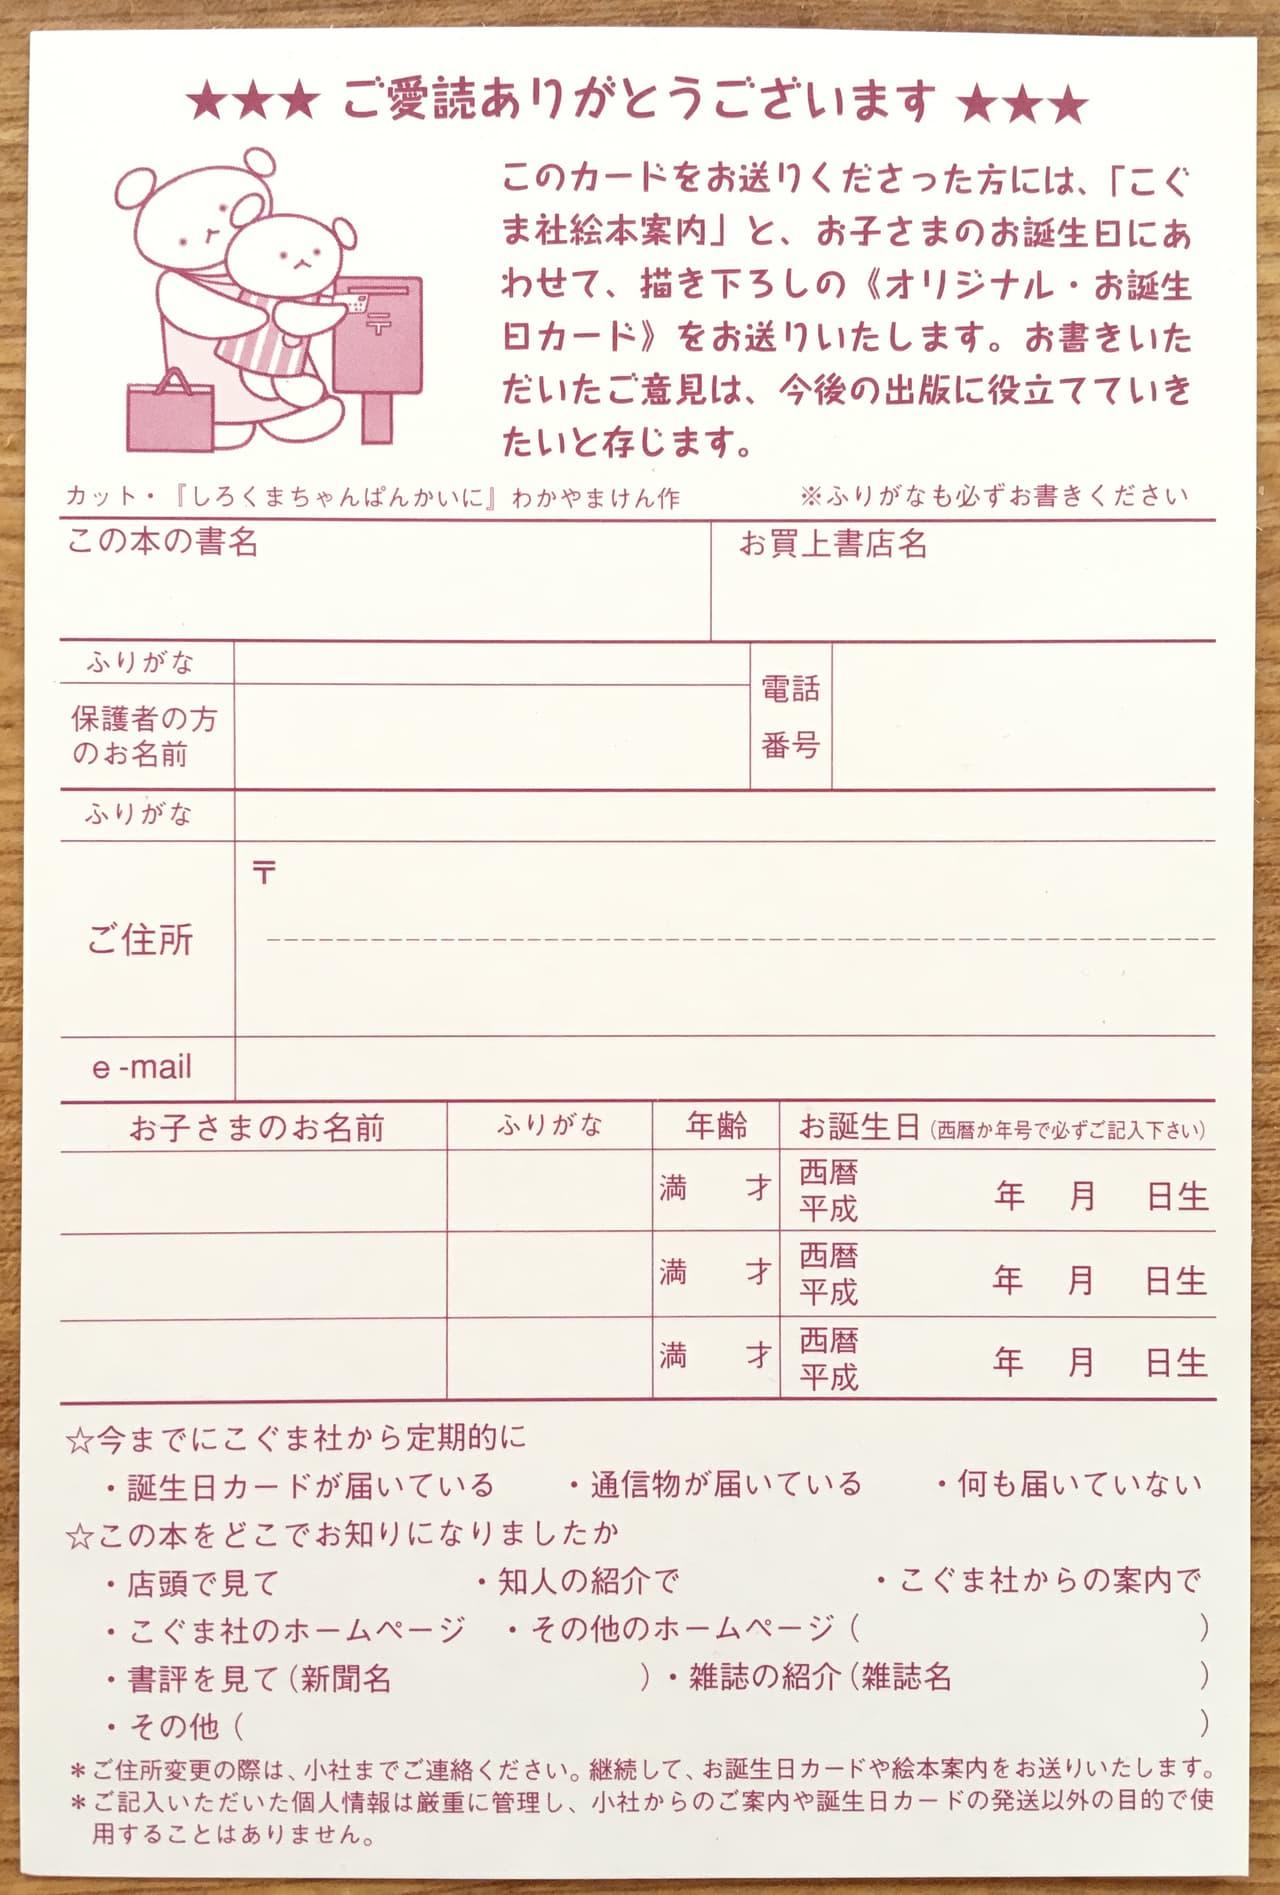 こぐま社愛読者カード